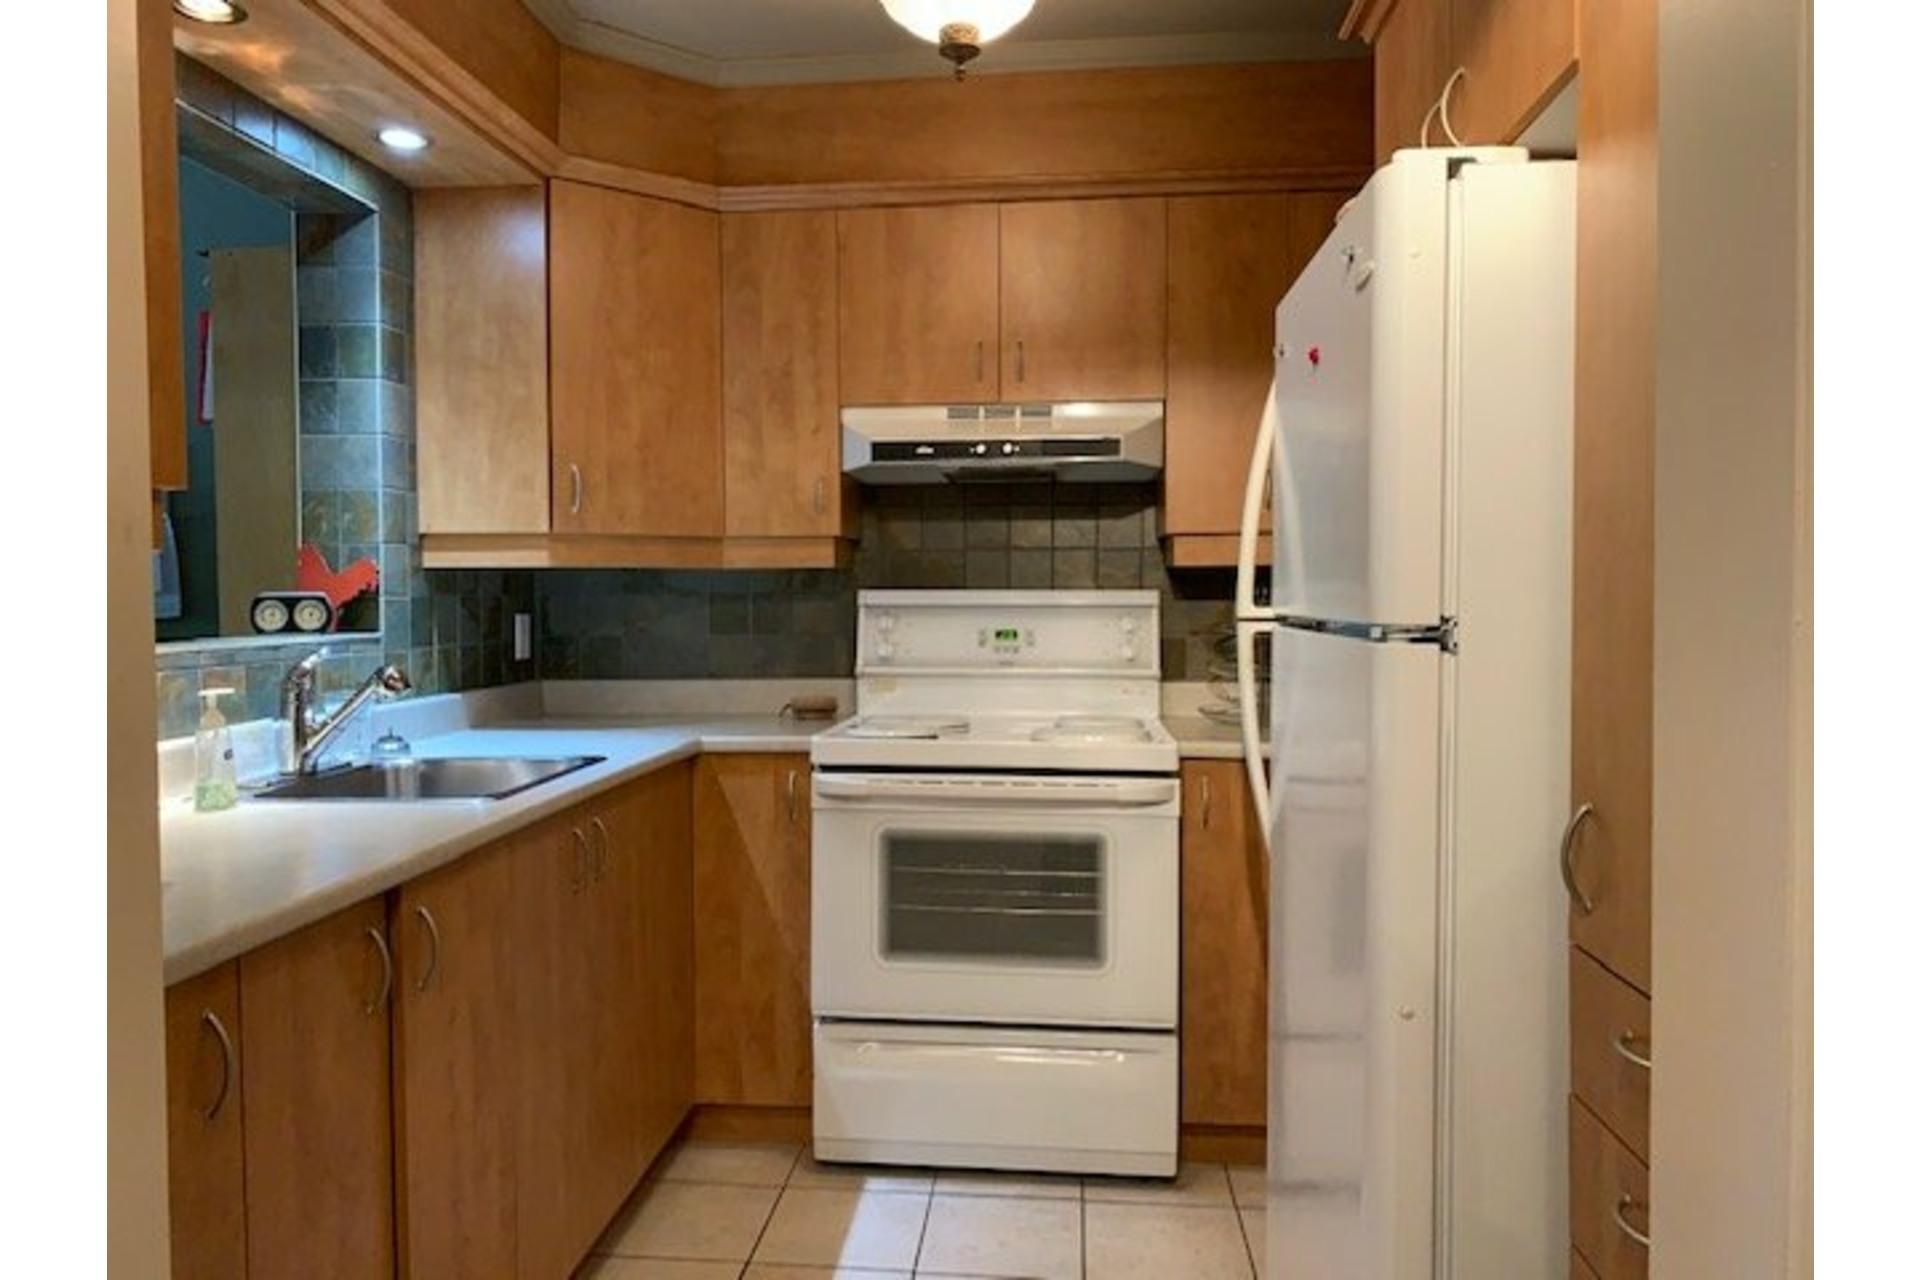 image 10 - Appartement À vendre Mercier/Hochelaga-Maisonneuve Montréal  - 5 pièces